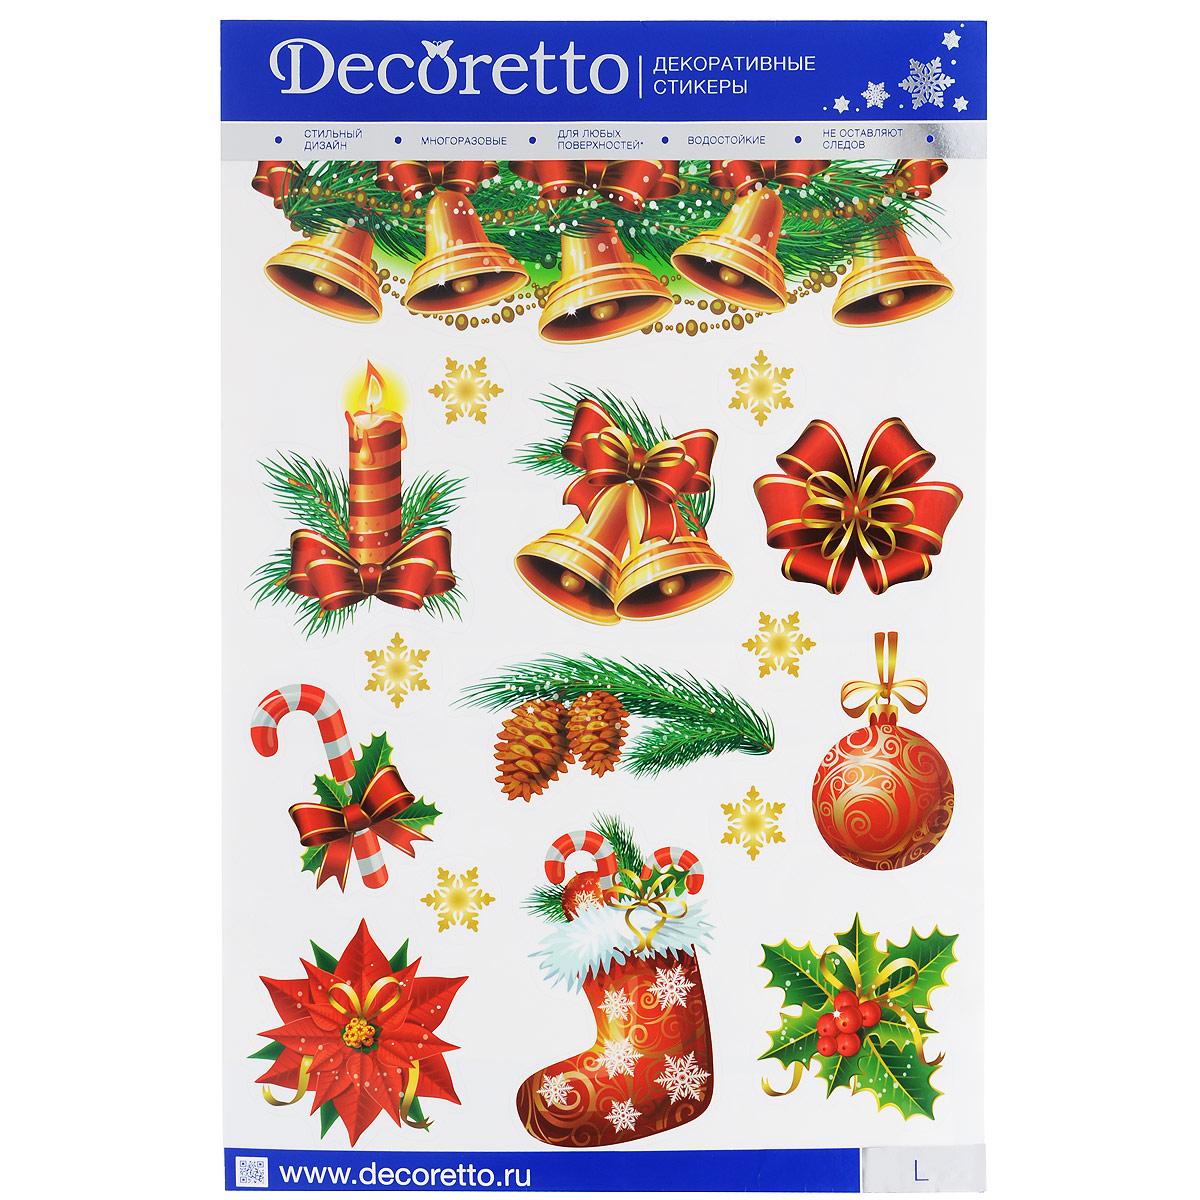 Украшение для стен и предметов интерьера Decoretto Рождественский вечер, 16 шт. NI 4001NI 4001 ДекорНаклейки для интерьера Decoretto Рождественский вечер помогут вам украсить любую комнату. Украшение состоит из 16 самоклеющихся элементов в виде растяжки из колокольчиков, веточки ели, елочных украшений, рождественского носка. Это украшение поможет вам разнообразить интерьер вашего дома и проявить индивидуальность. Наклейки идеально подойдут для детской комнаты. Наклейки Decoretto превратят любой интерьер в новогоднюю сказку.Преимущества украшений Decoretto: съемные и многоразовые;безопасны для окрашенных стен;нетоксичный, экологически чистый материал;водостойкие;держатся на поверхности не менее 3 лет.Decoretto - уникальный способ легко и быстро оживить интерьер, добавить в него уют и радость. Для вас открываются безграничные возможности проявить творчество и фантазию, придумать оригинальный дизайн, придать новый вид стенам и мебели.